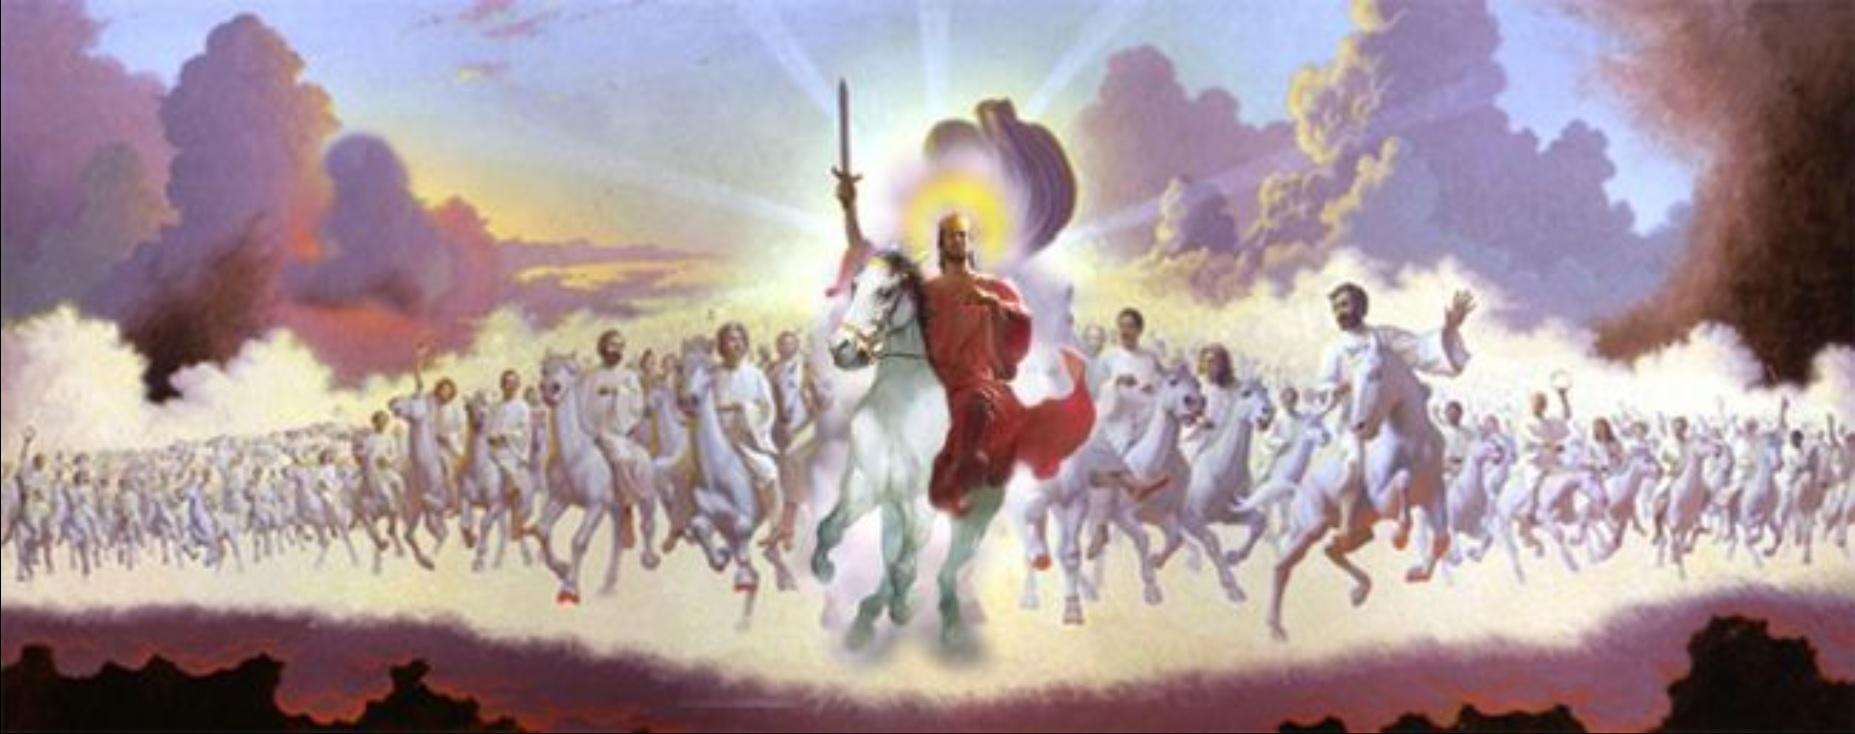 king-jesus-riding